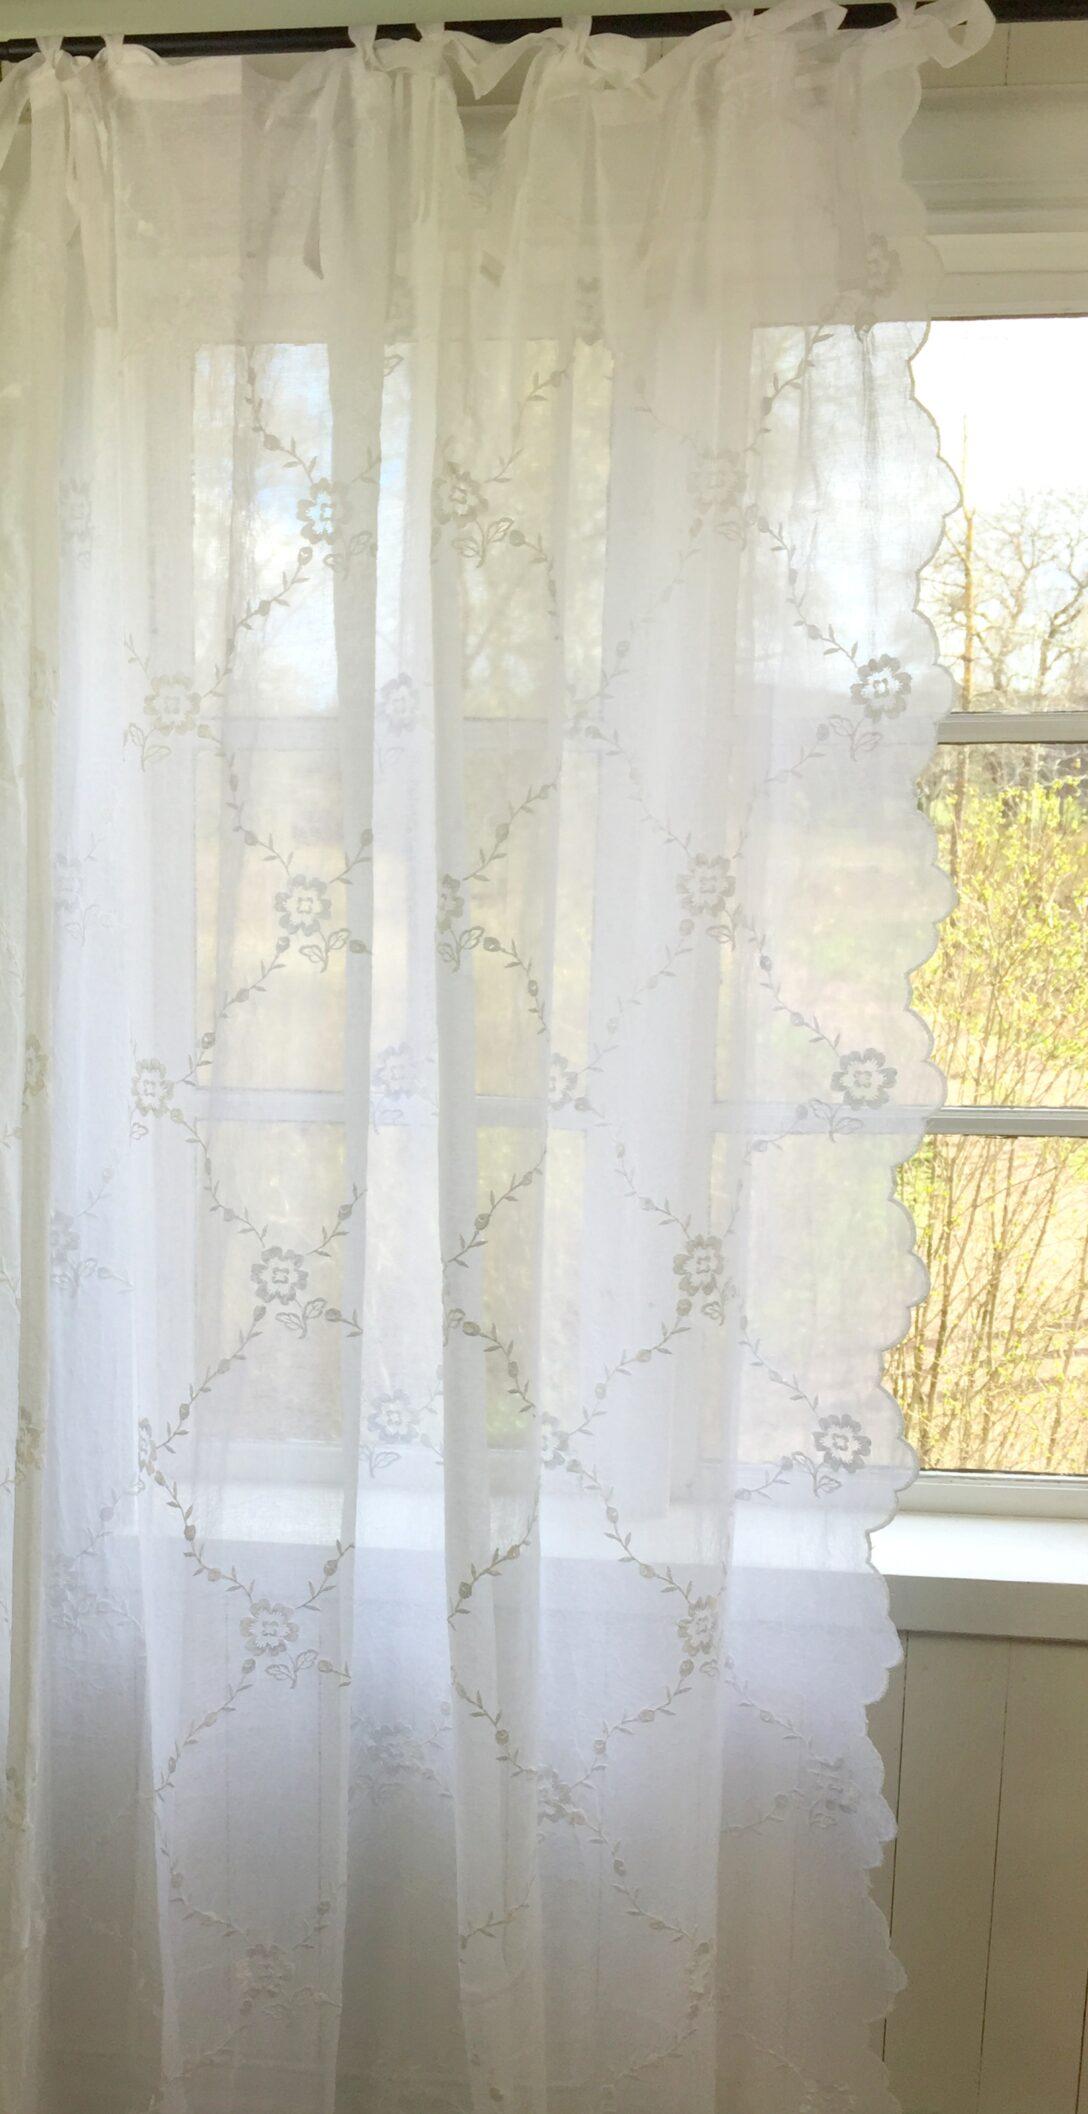 Large Size of Kchengardine Landhausstil Scheibengardine Weiss Leinenvorhang Kleiner Tisch Küche Wandpaneel Glas Gebrauchte Kaufen Grau Hochglanz Doppelblock Tapete Landhaus Wohnzimmer Küche Gardine